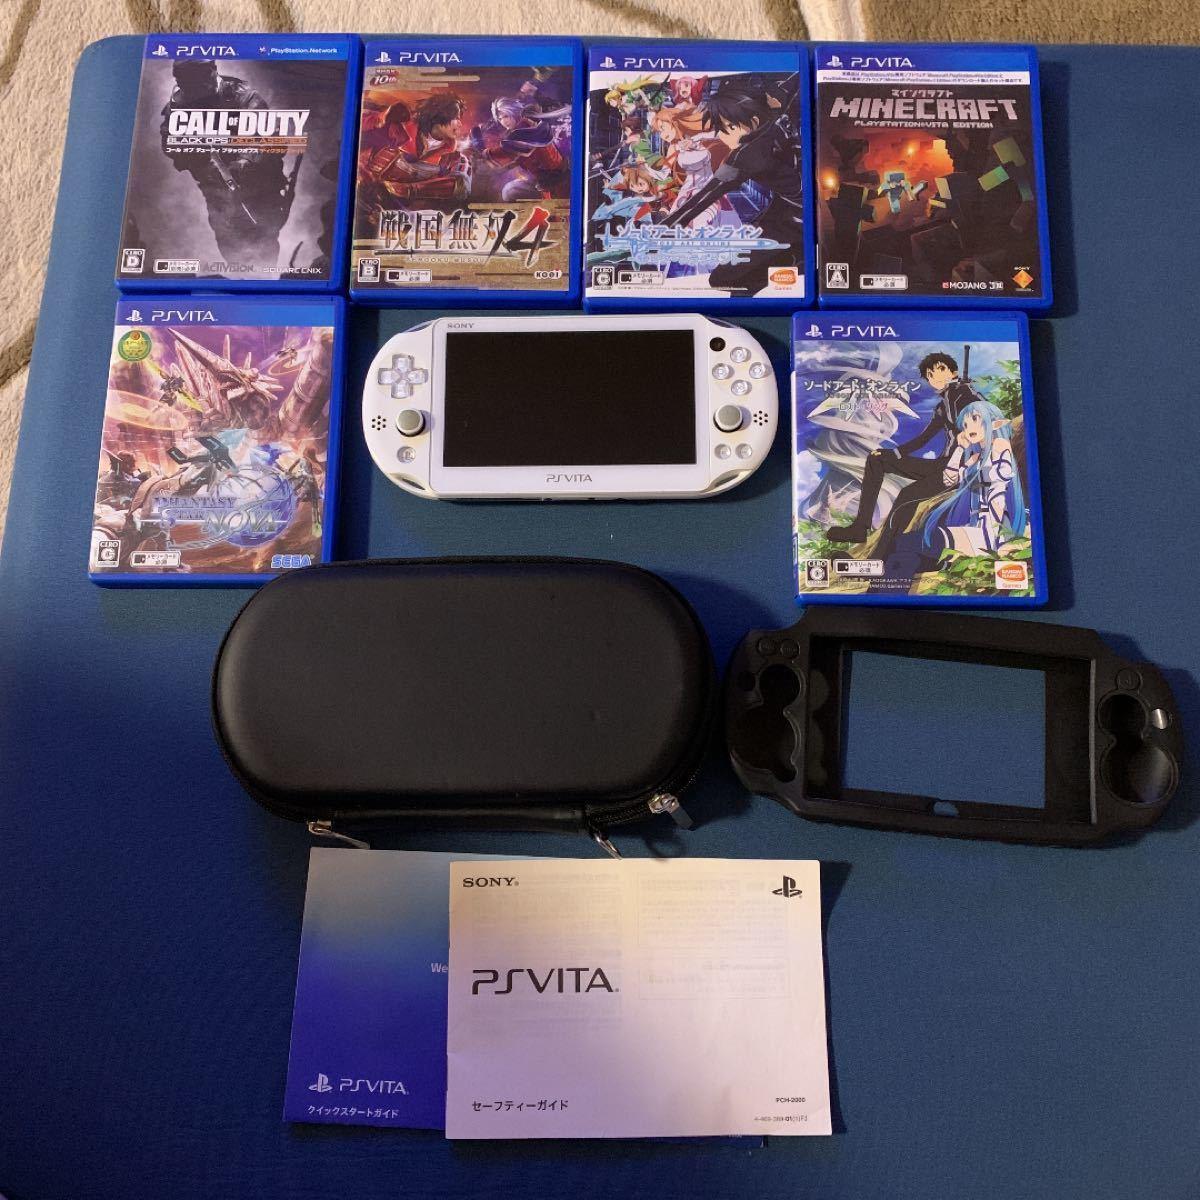 PlayStation Vita (PCH-2000シリーズ) Wi-Fiモデル ホワイト PCH-2000ZA12  16GB